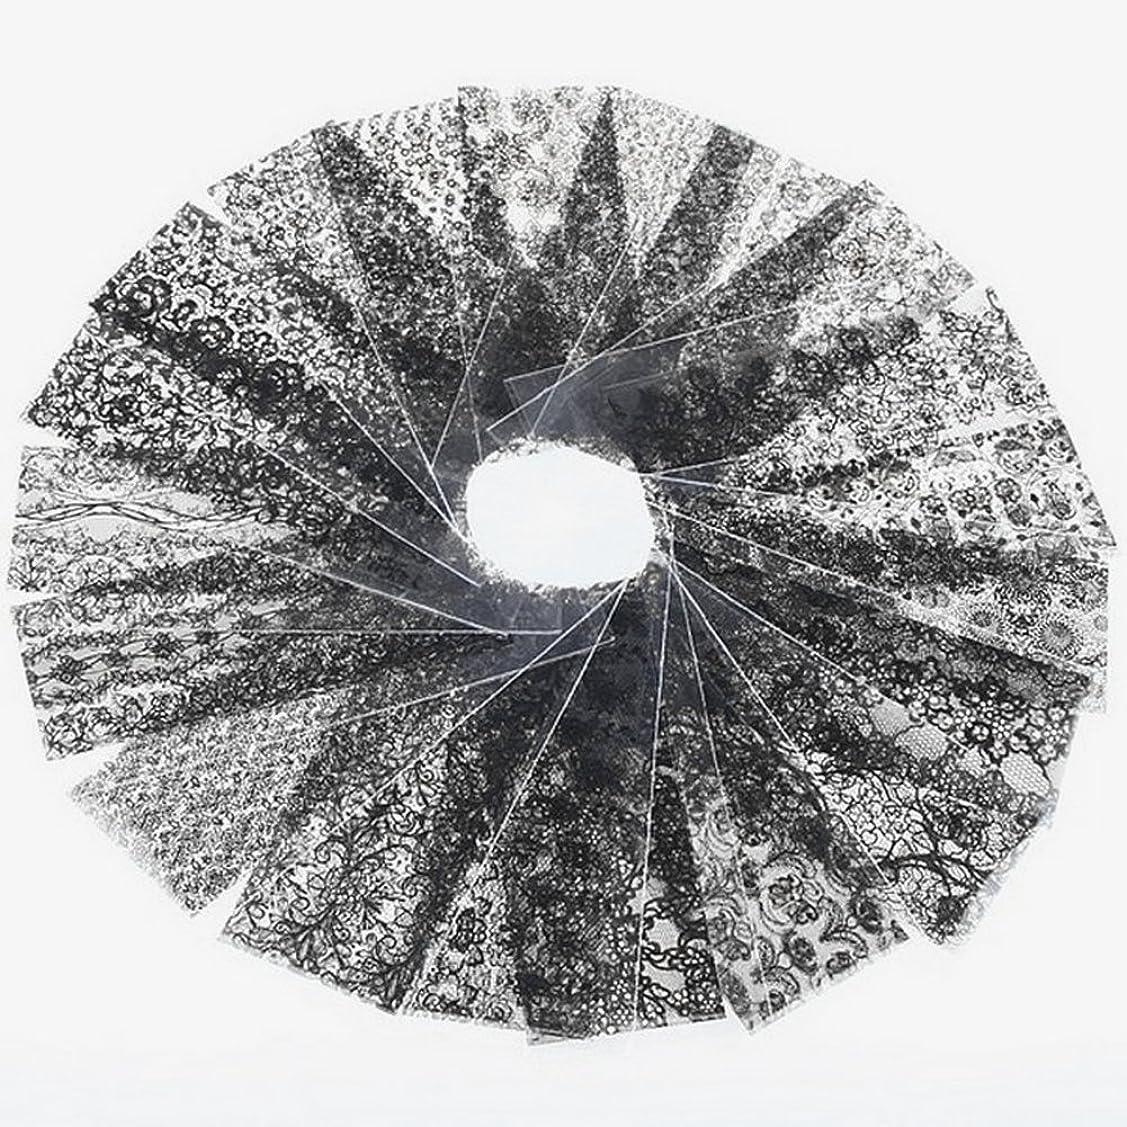 適切に供給旋律的Demiawaking ネイルシール ステッカー 可愛いレースシリーズ ネイル装飾 ネイルアートデコレーション DIY 飾り 20枚